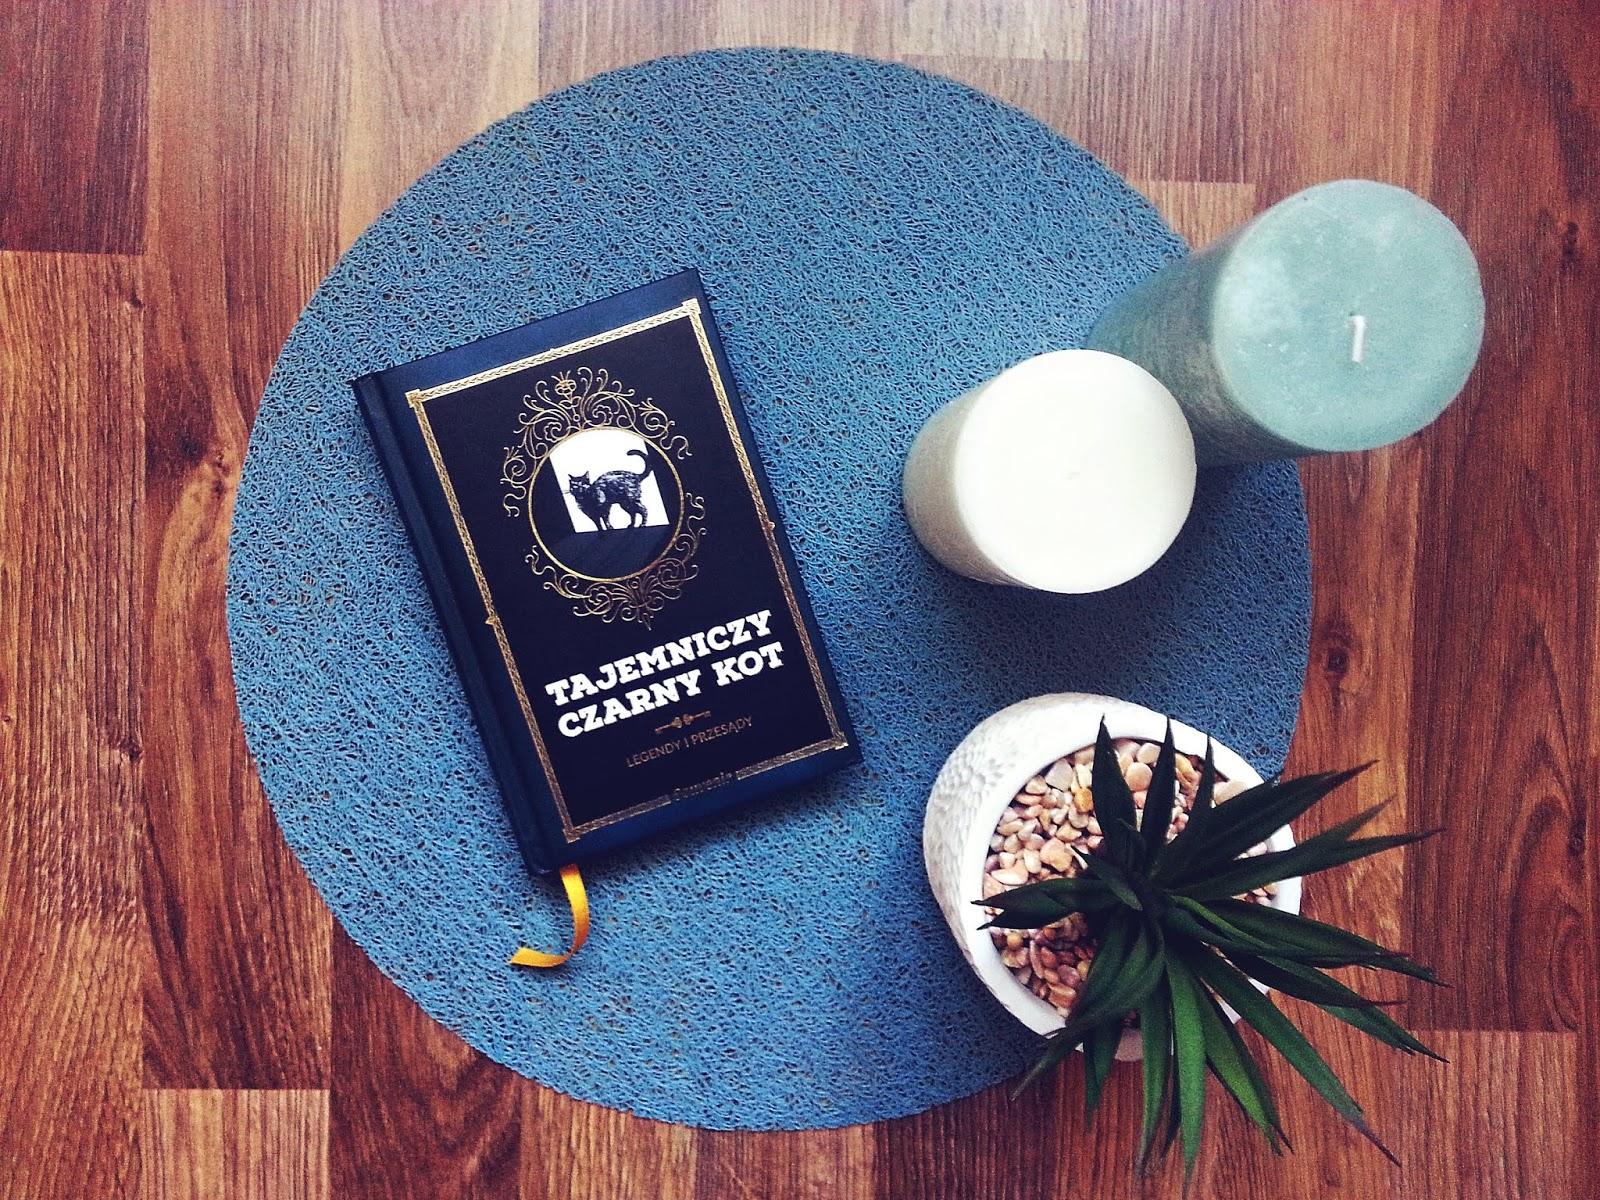 Tajemniczy czarny kot, Nathalie Semenuik, Alma Press, książka, recenzja, książki o kotach